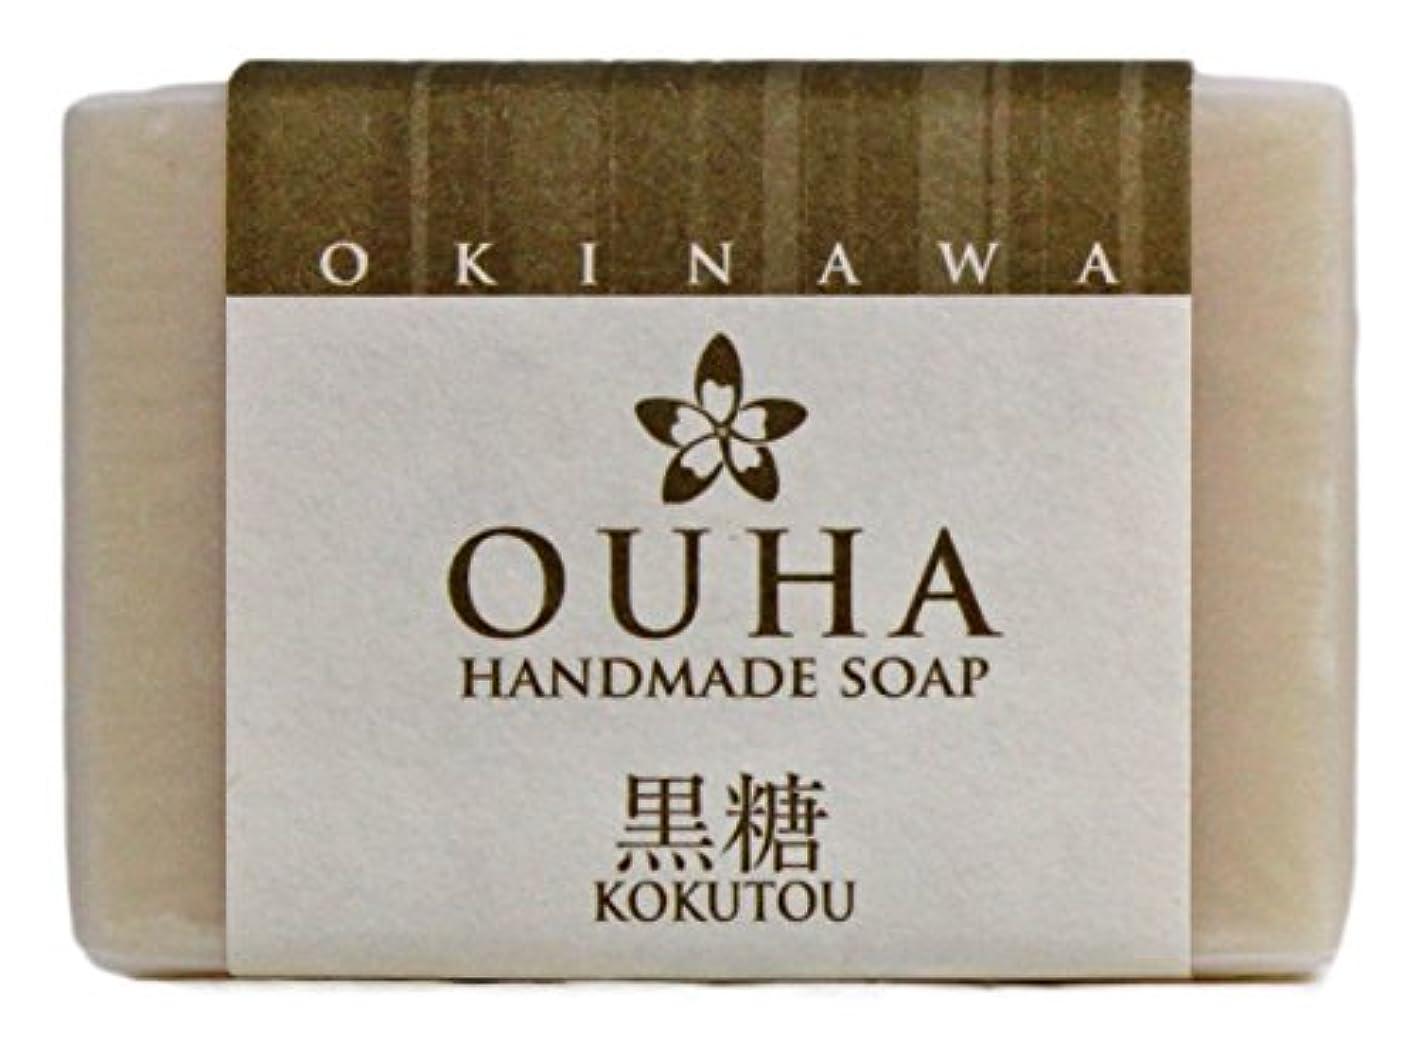 時々時々九時四十五分鋸歯状沖縄手作り洗顔せっけん OUHAソープ 黒糖 47g